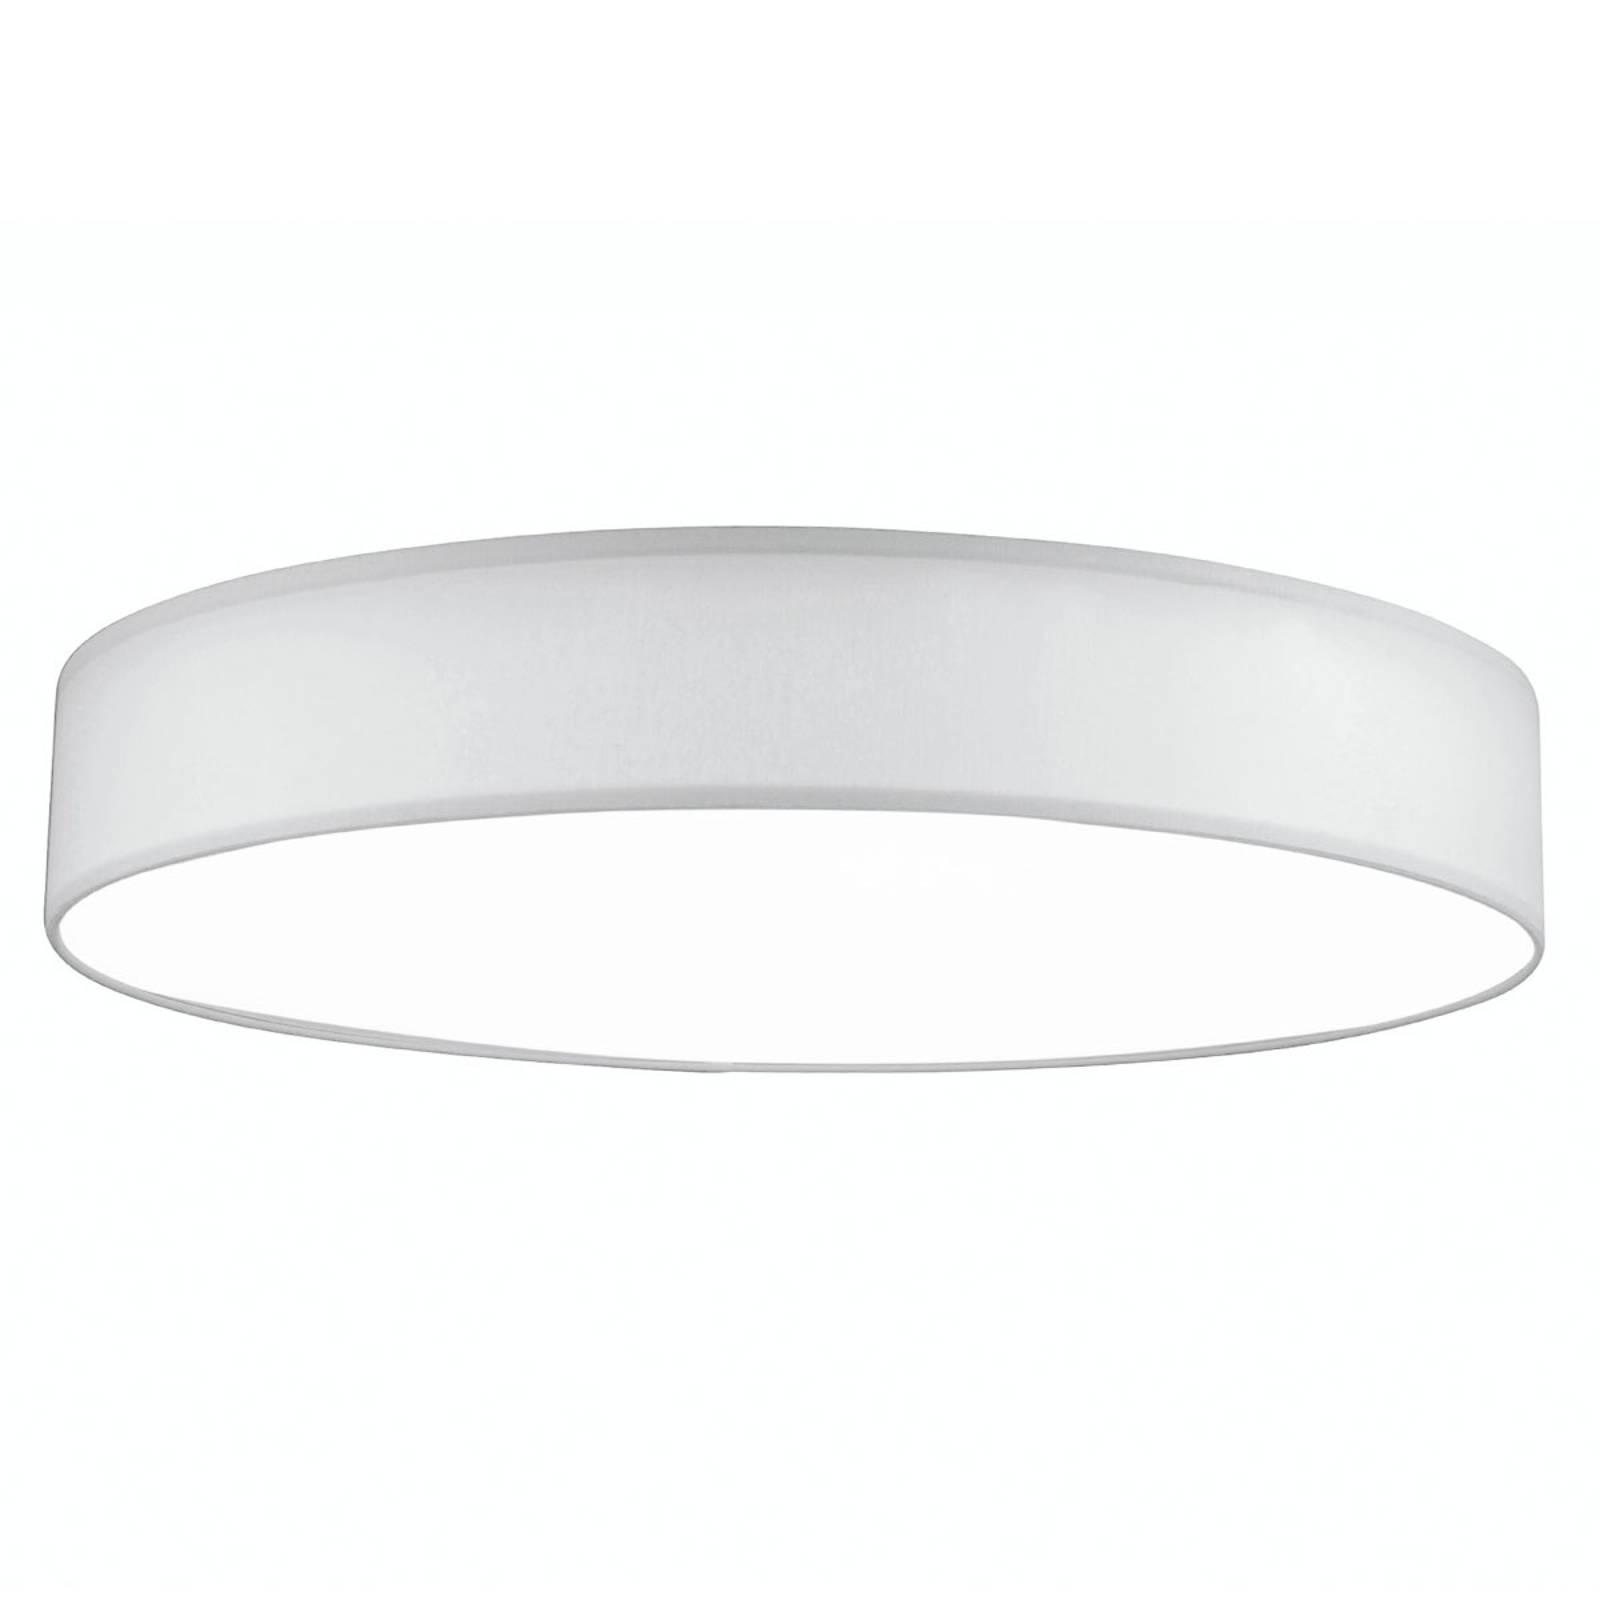 LED-Deckenleuchte Luno XL 3.000K 100 W weiß günstig online kaufen